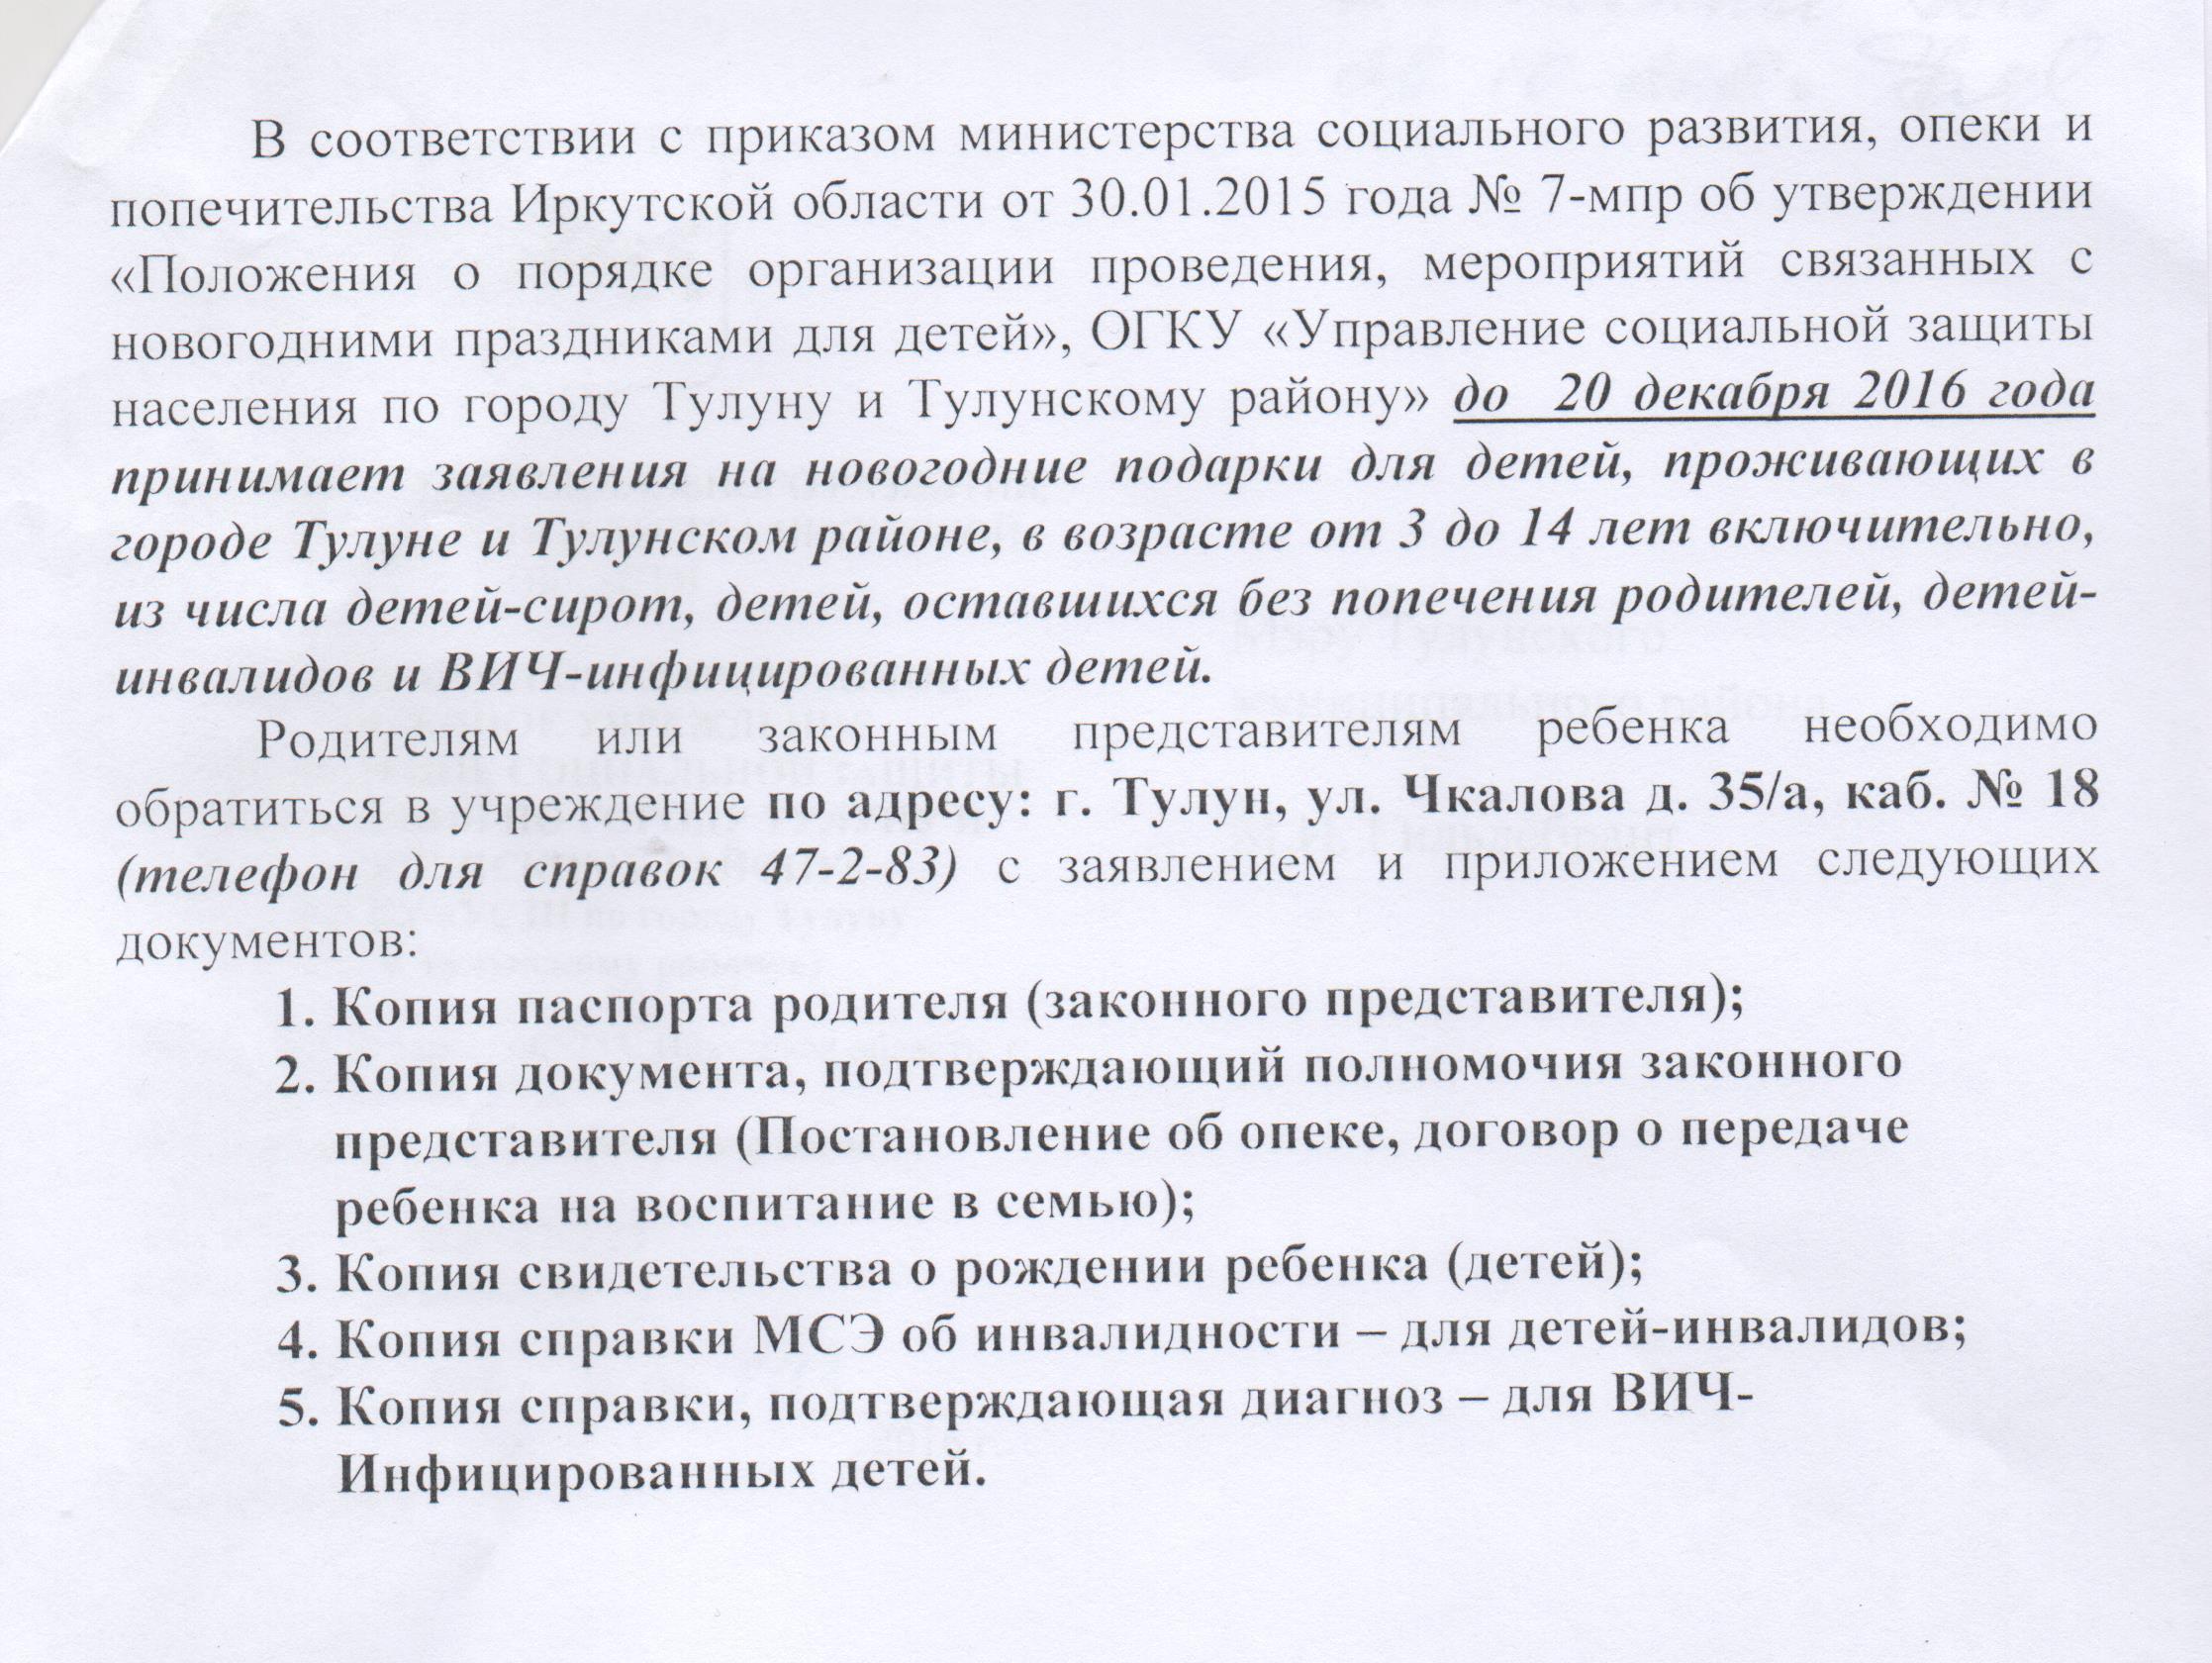 бланк справки из центра занятости г. иркутска